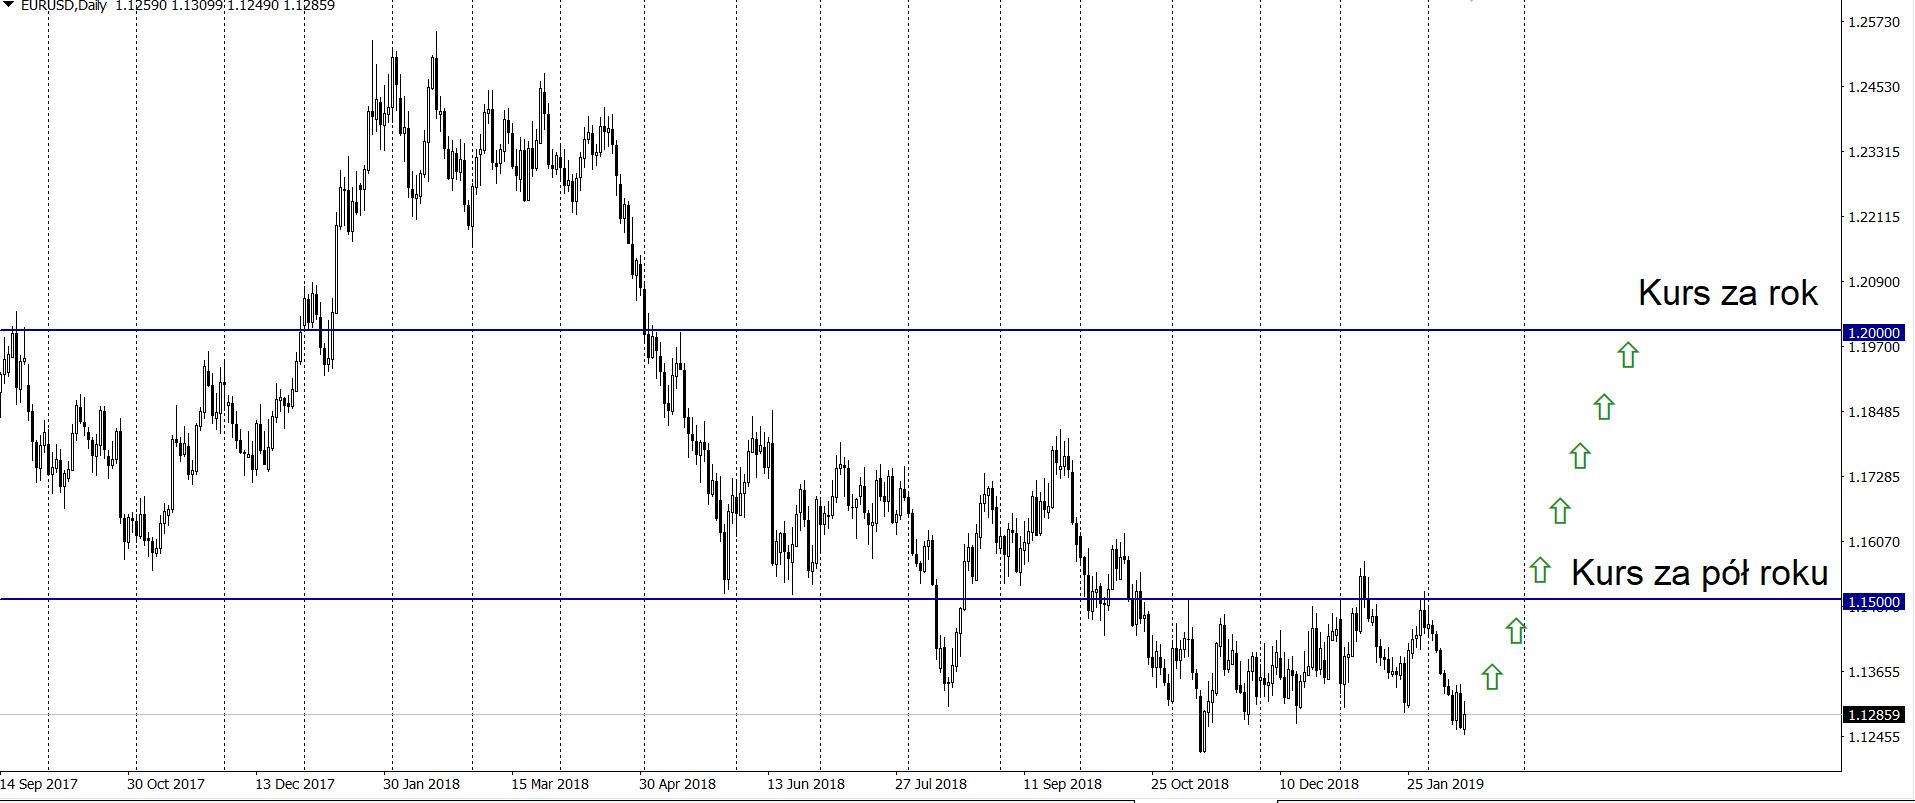 Wyzwania strefy euro w obliczu słabych danych, kurs EUR/USD ma szanse na wzrosty?